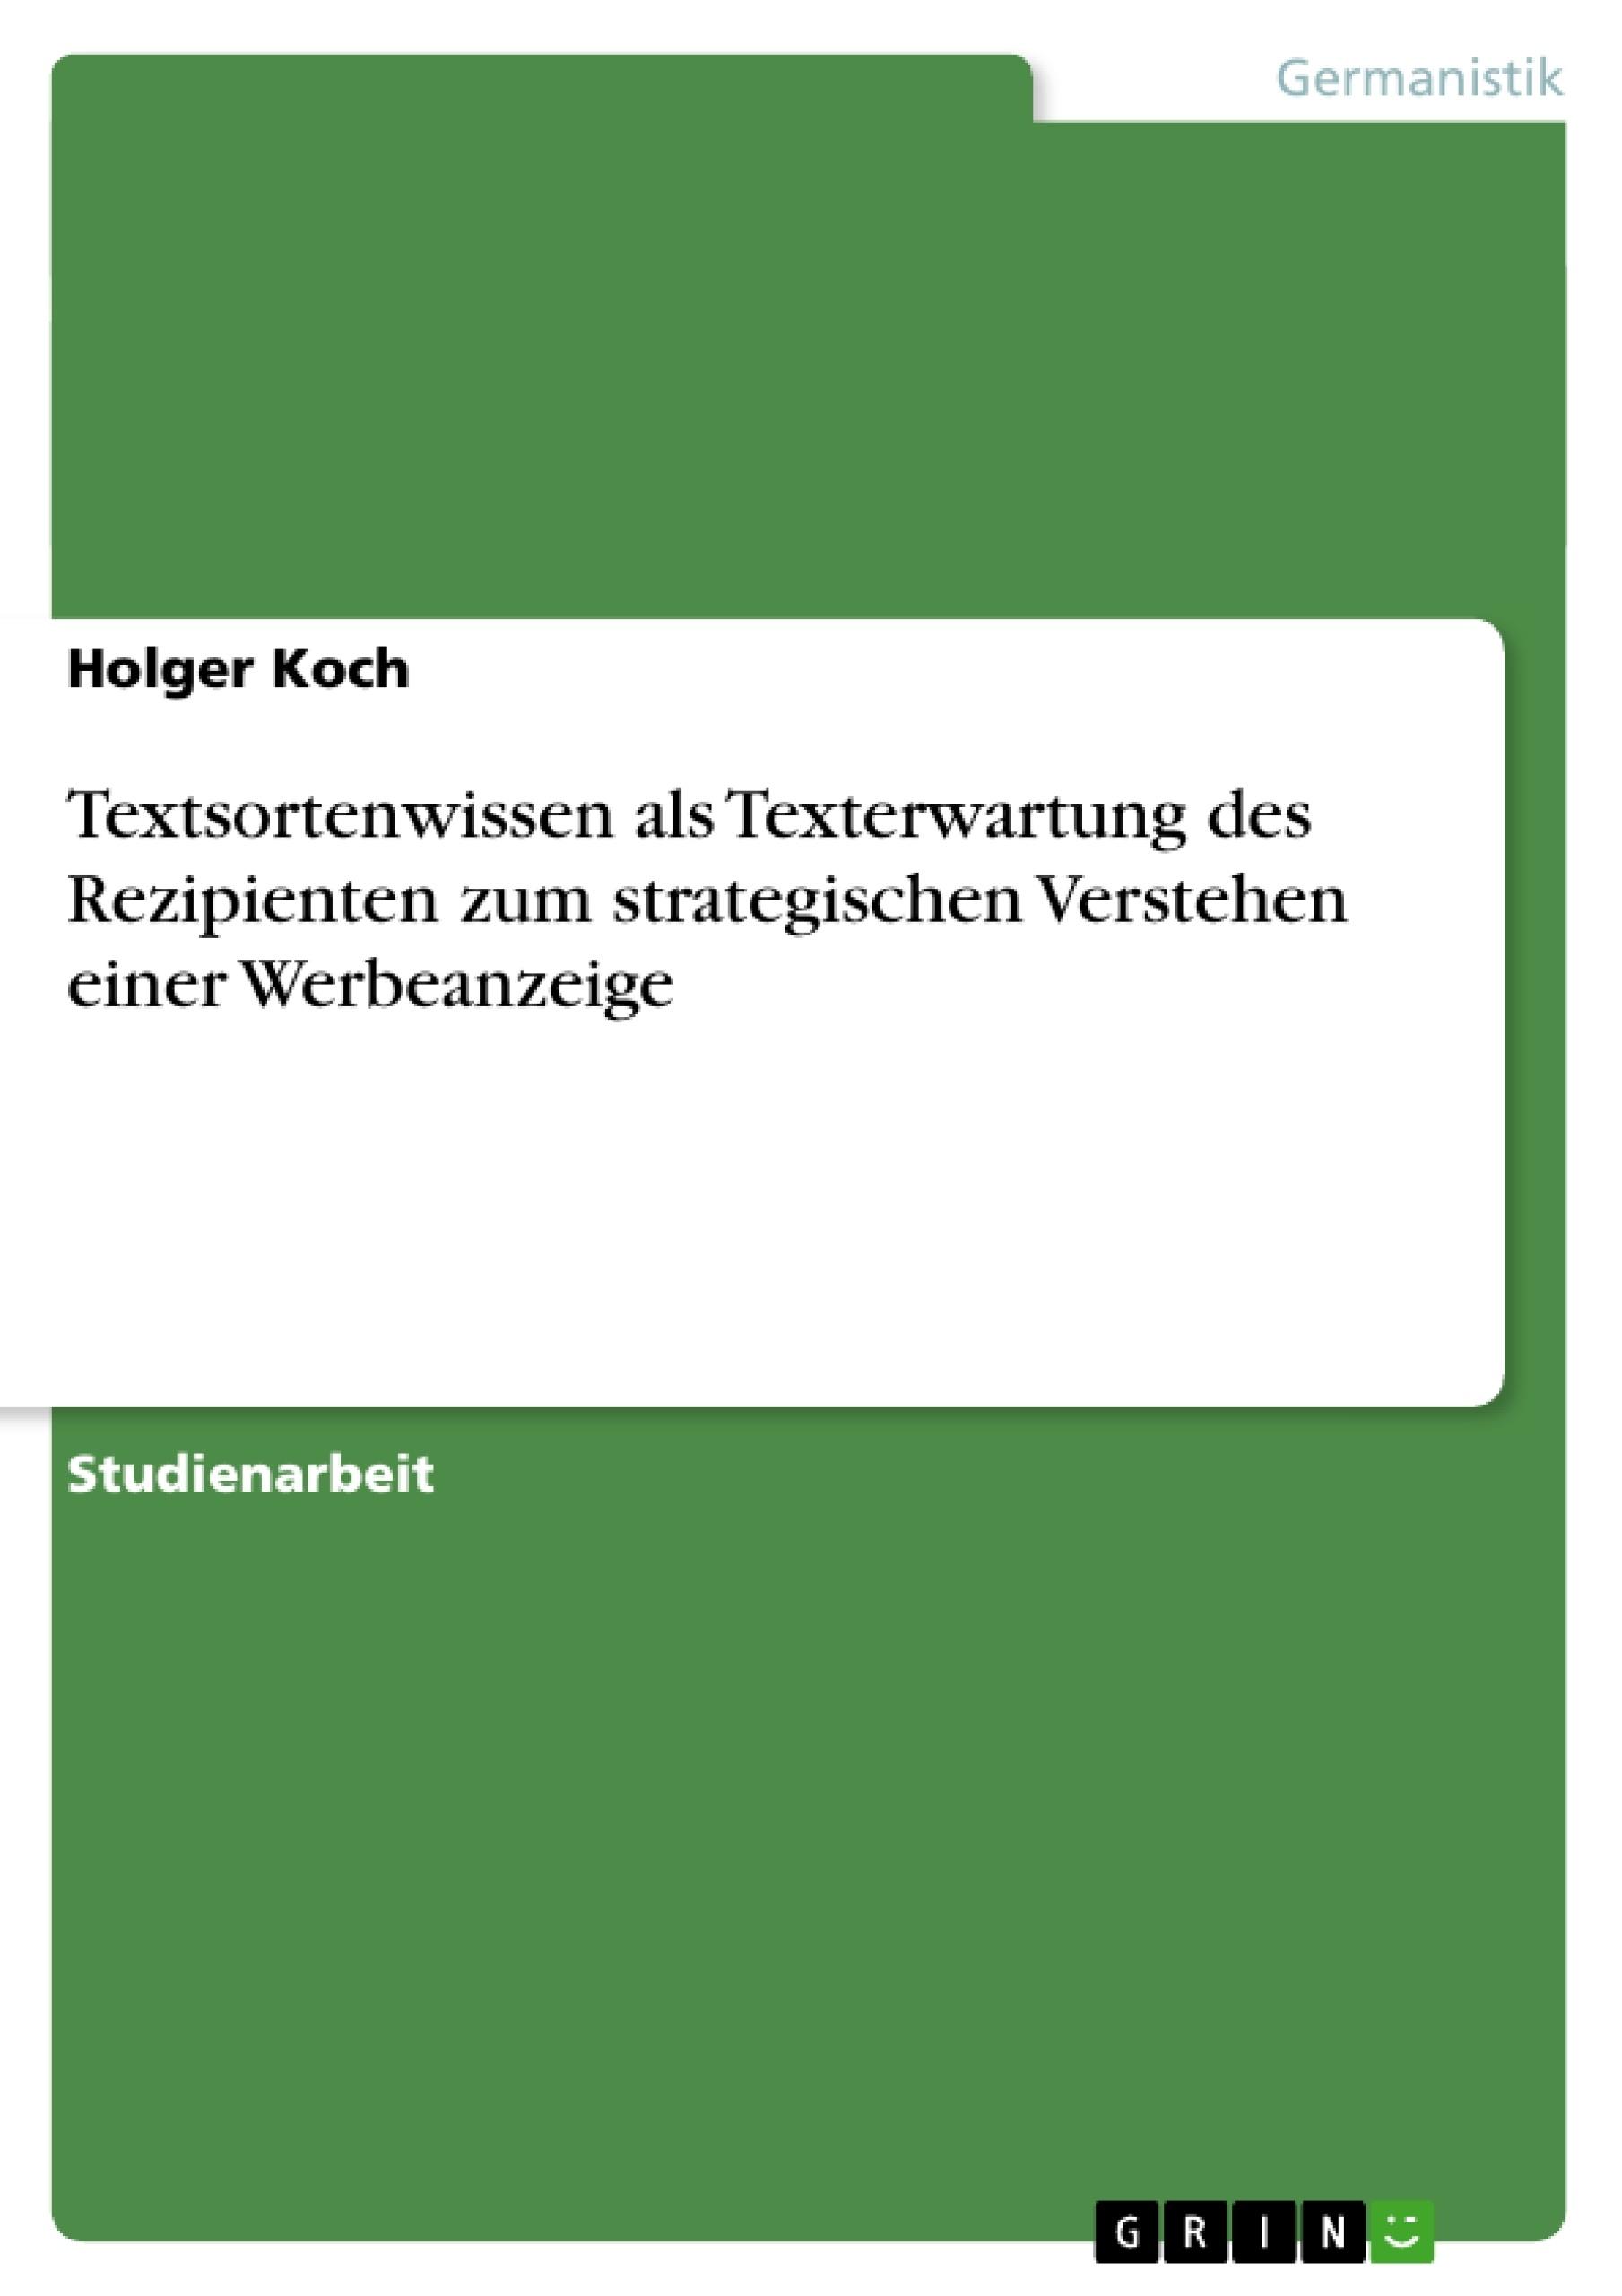 Titel: Textsortenwissen als Texterwartung des Rezipienten zum strategischen Verstehen einer Werbeanzeige